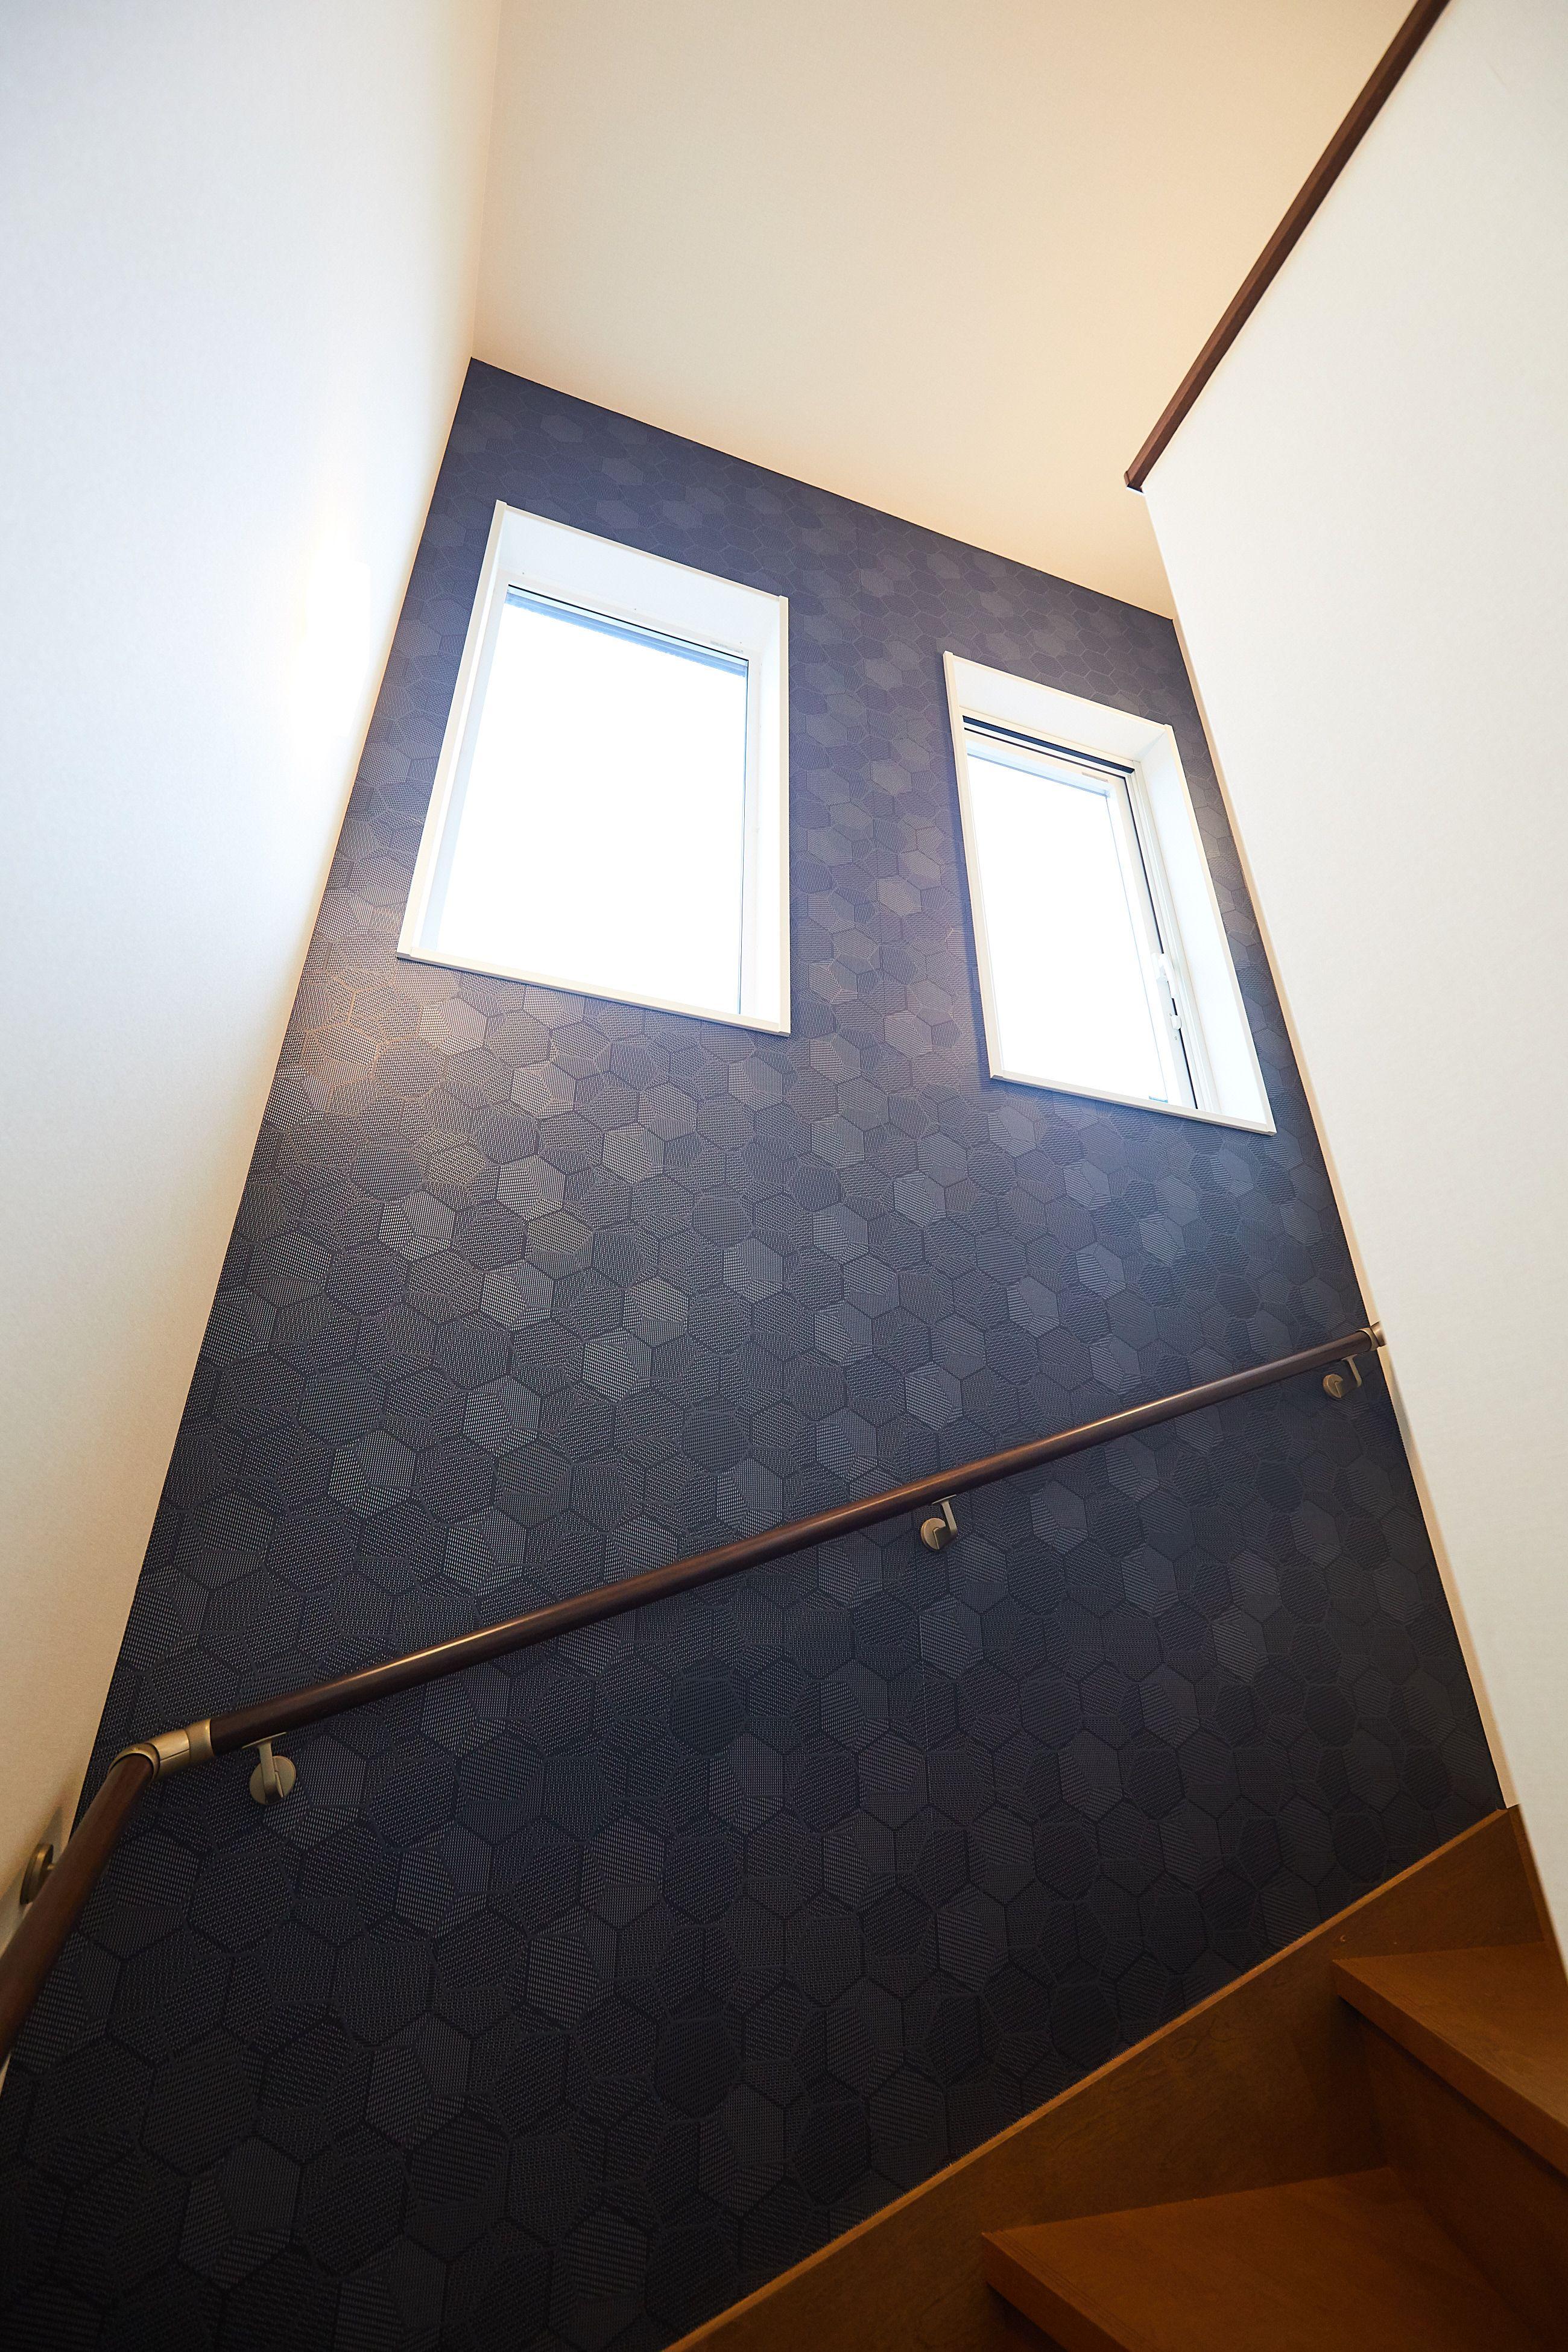 階段にダークなアクセントクロスを 力強い印象になりました 壁紙クロス クロス アクセントクロス